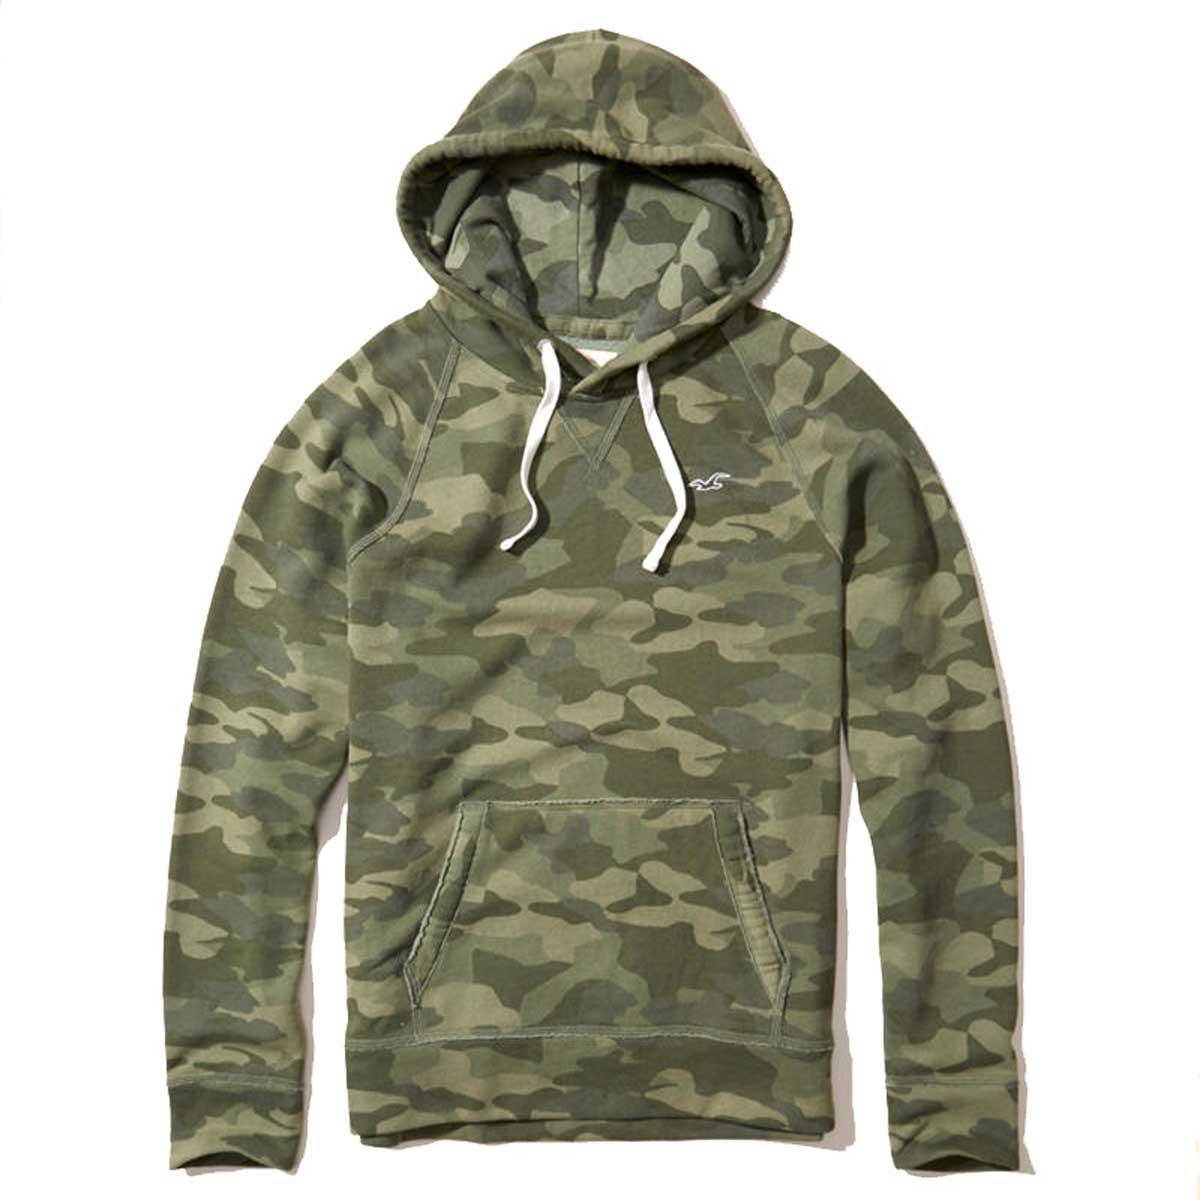 Hori star sweat shirt men's regular article HOLLISTER fleece pullover parka Hollister Feel Good Fleece Hoodie 322 221 0706 380